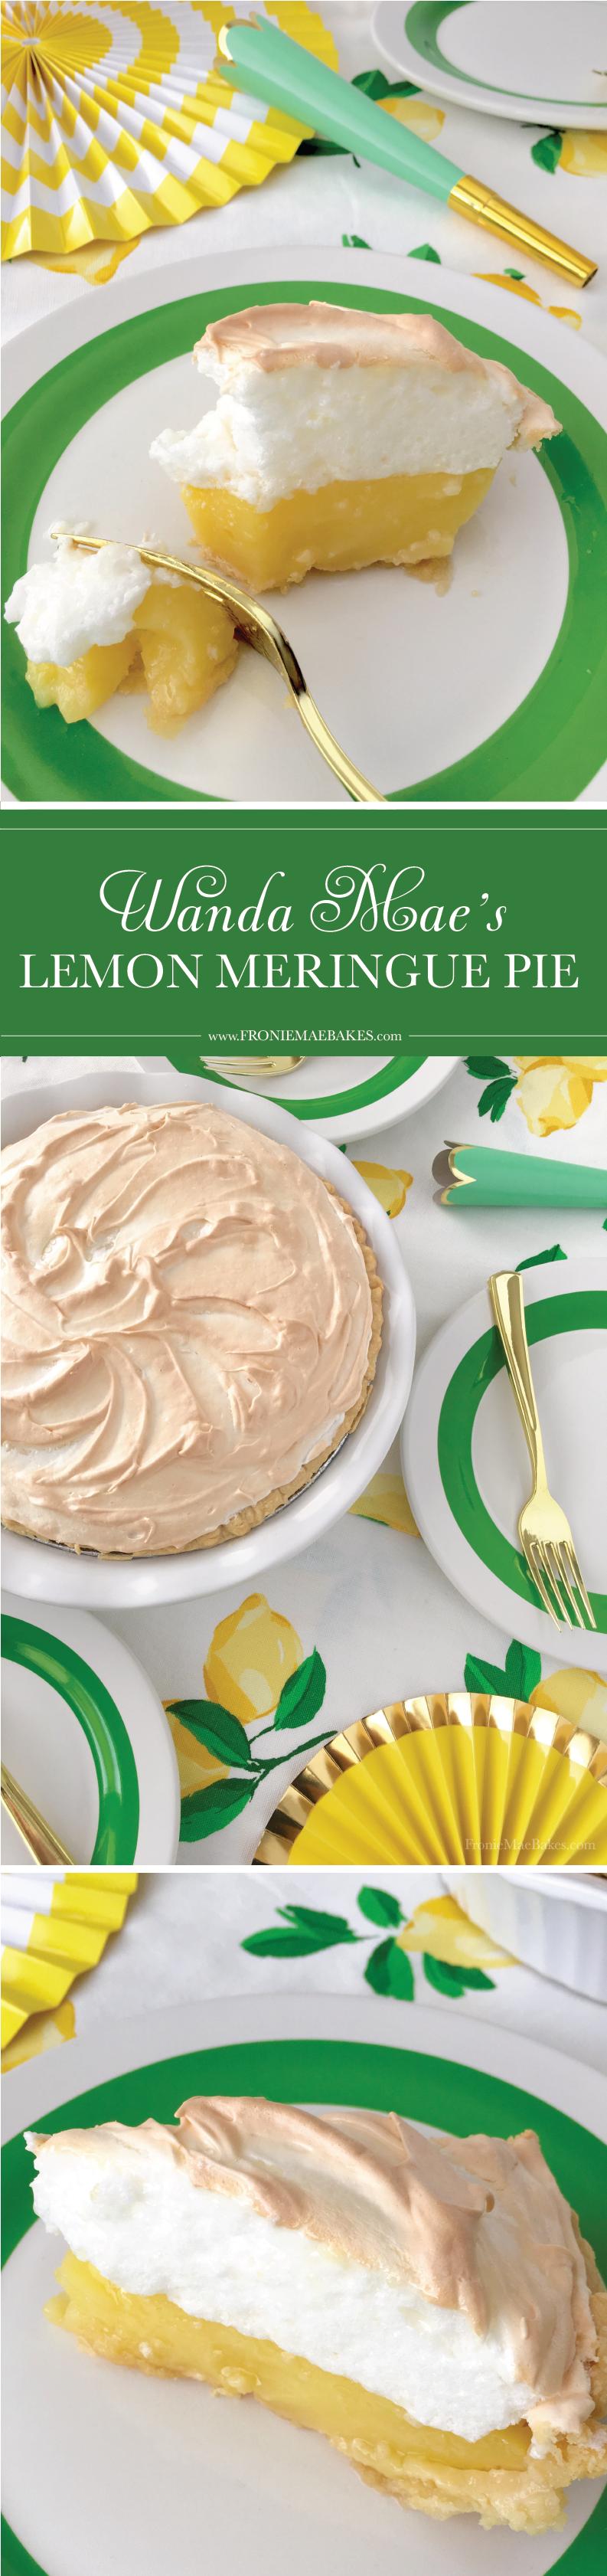 Make Wanda Mae's Homemade Lemon Meringue Pie Recipe TODAY! www.FronieMaeBakes.com